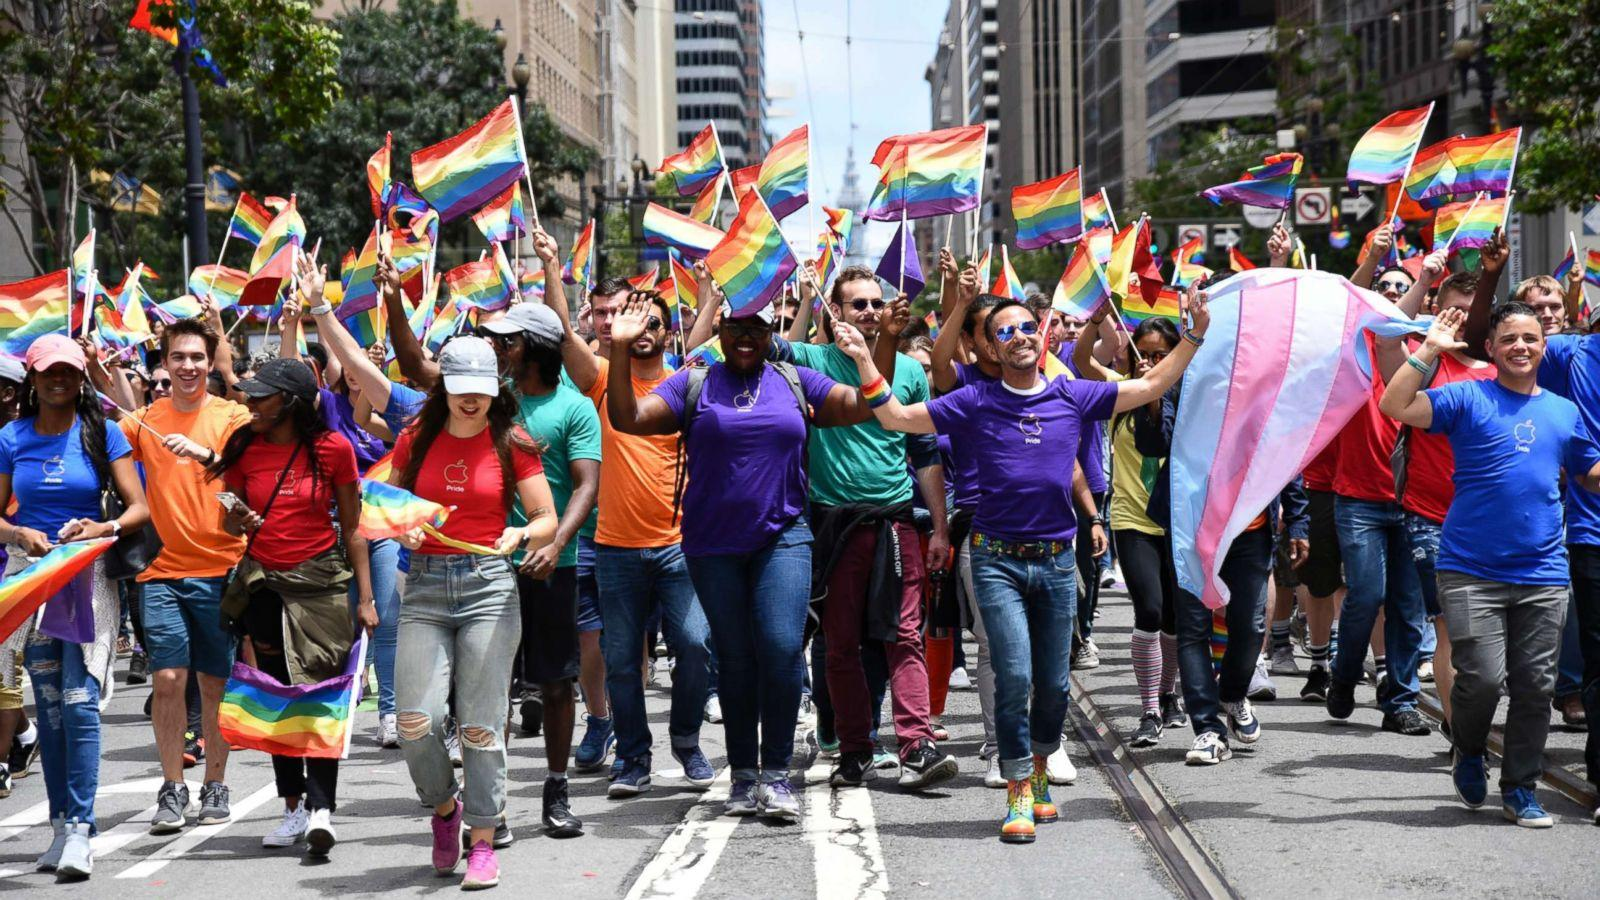 San antonio's gay pride is bigger than ever